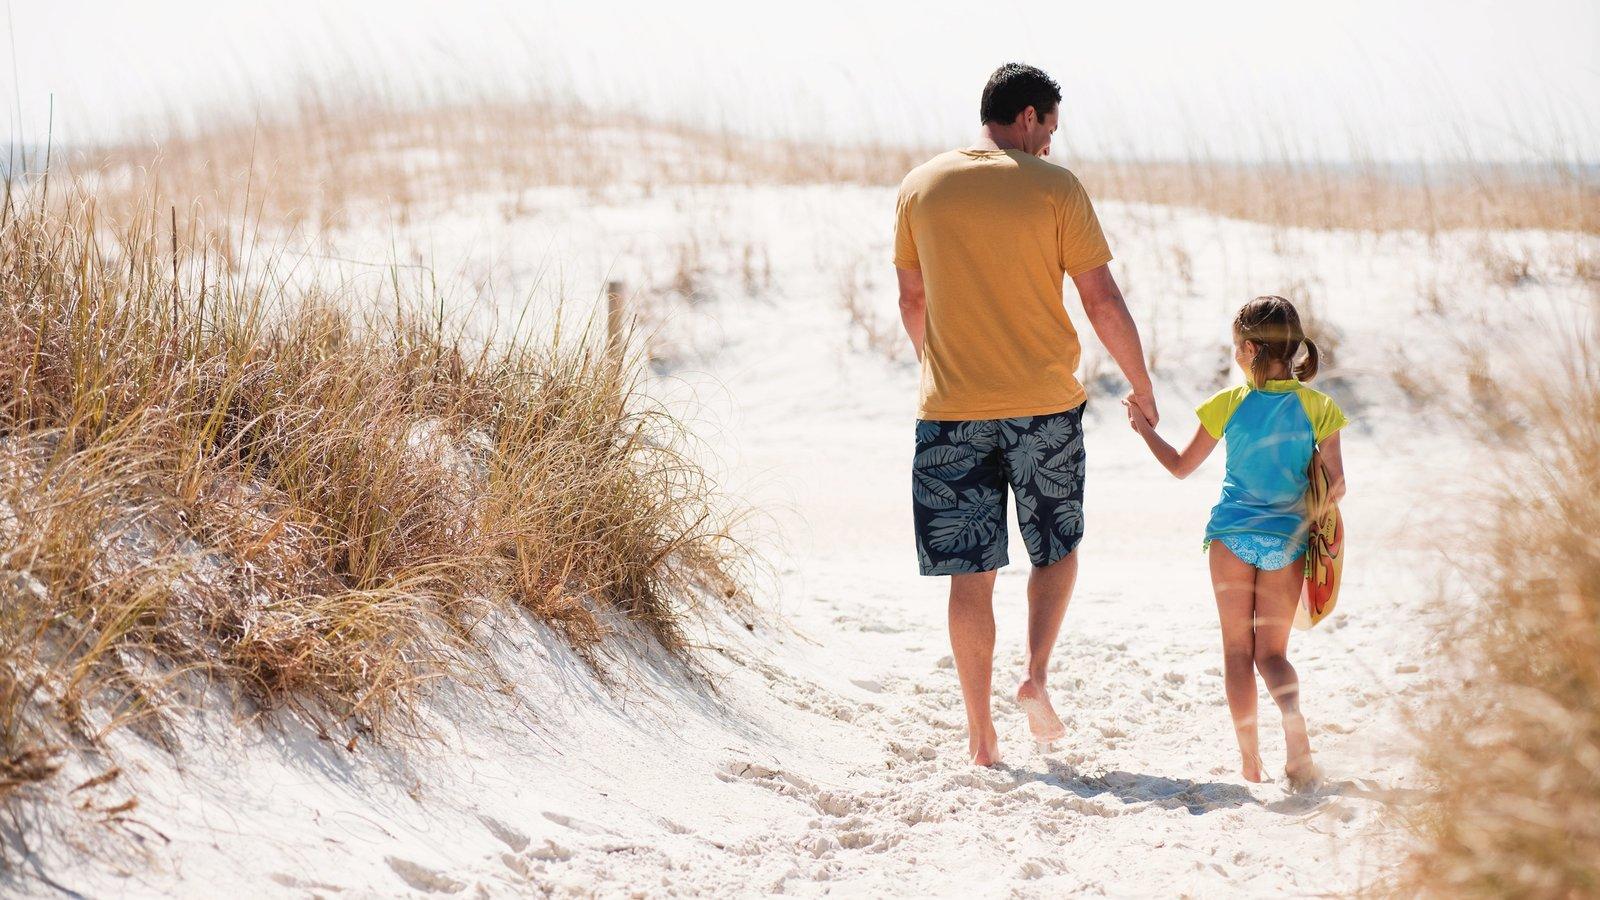 Panama City Beach mostrando uma praia assim como uma família